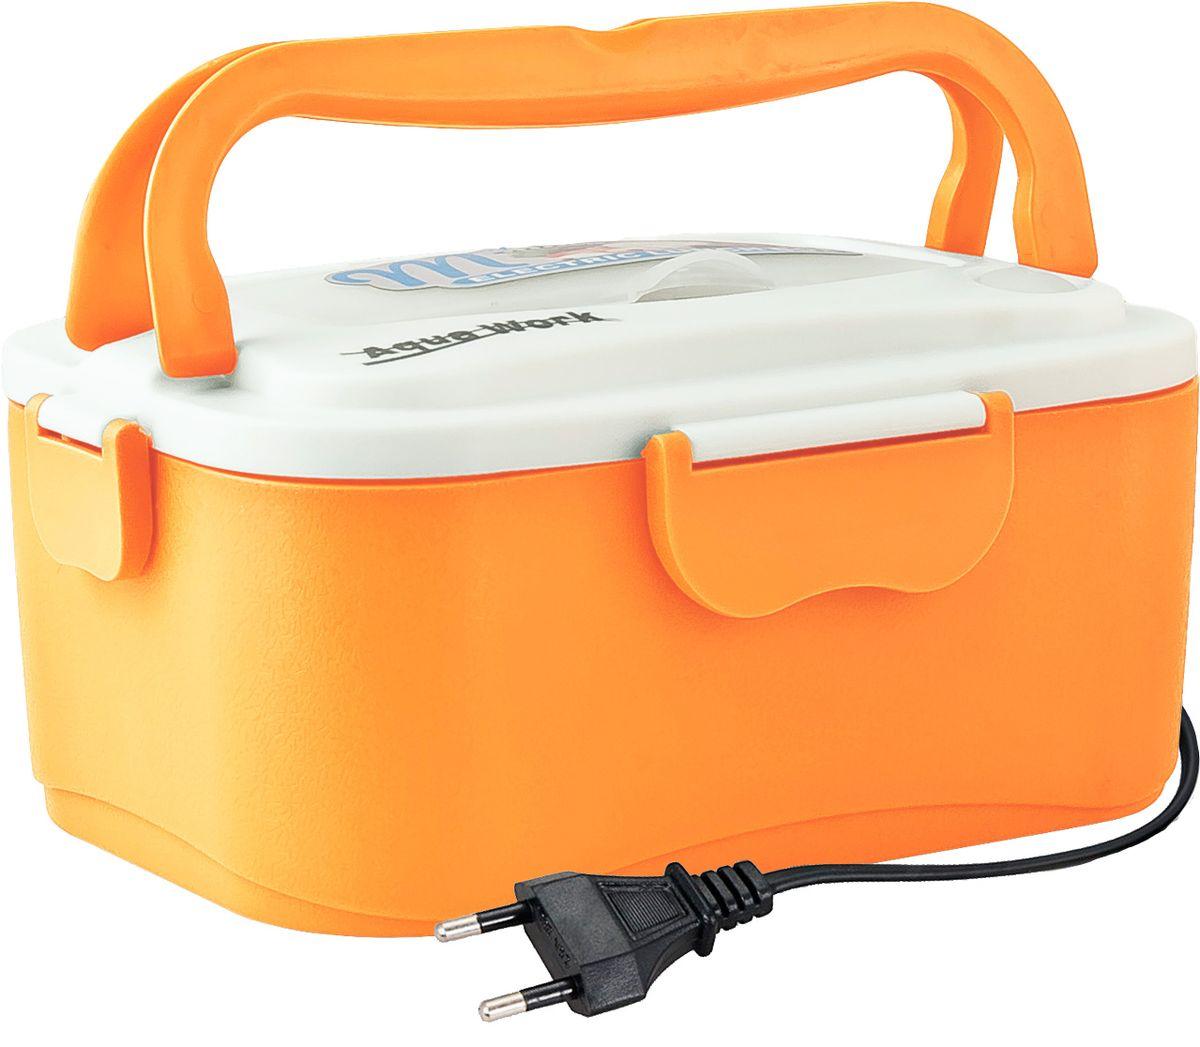 Aqua Work С5, Orange ланчбокс с подогревом 220В12734Разогрев содержимого от 5 минут (в зависимости от количества содержимого)Изготовлен из высококачественного пищевого пластика и нержавеющей сталиУдобная ручка для переносаНадежное крепление крышкиКомфортное хранение содержимогоПластиковая ложка, вилка, палочки (расположены в специальном отделении в крышке)Общая емкостью - 1,05 литра, в том числе отдельный контейнер с крышечкой (емкость 0,45 литра)Питание от сети 220 вольт.